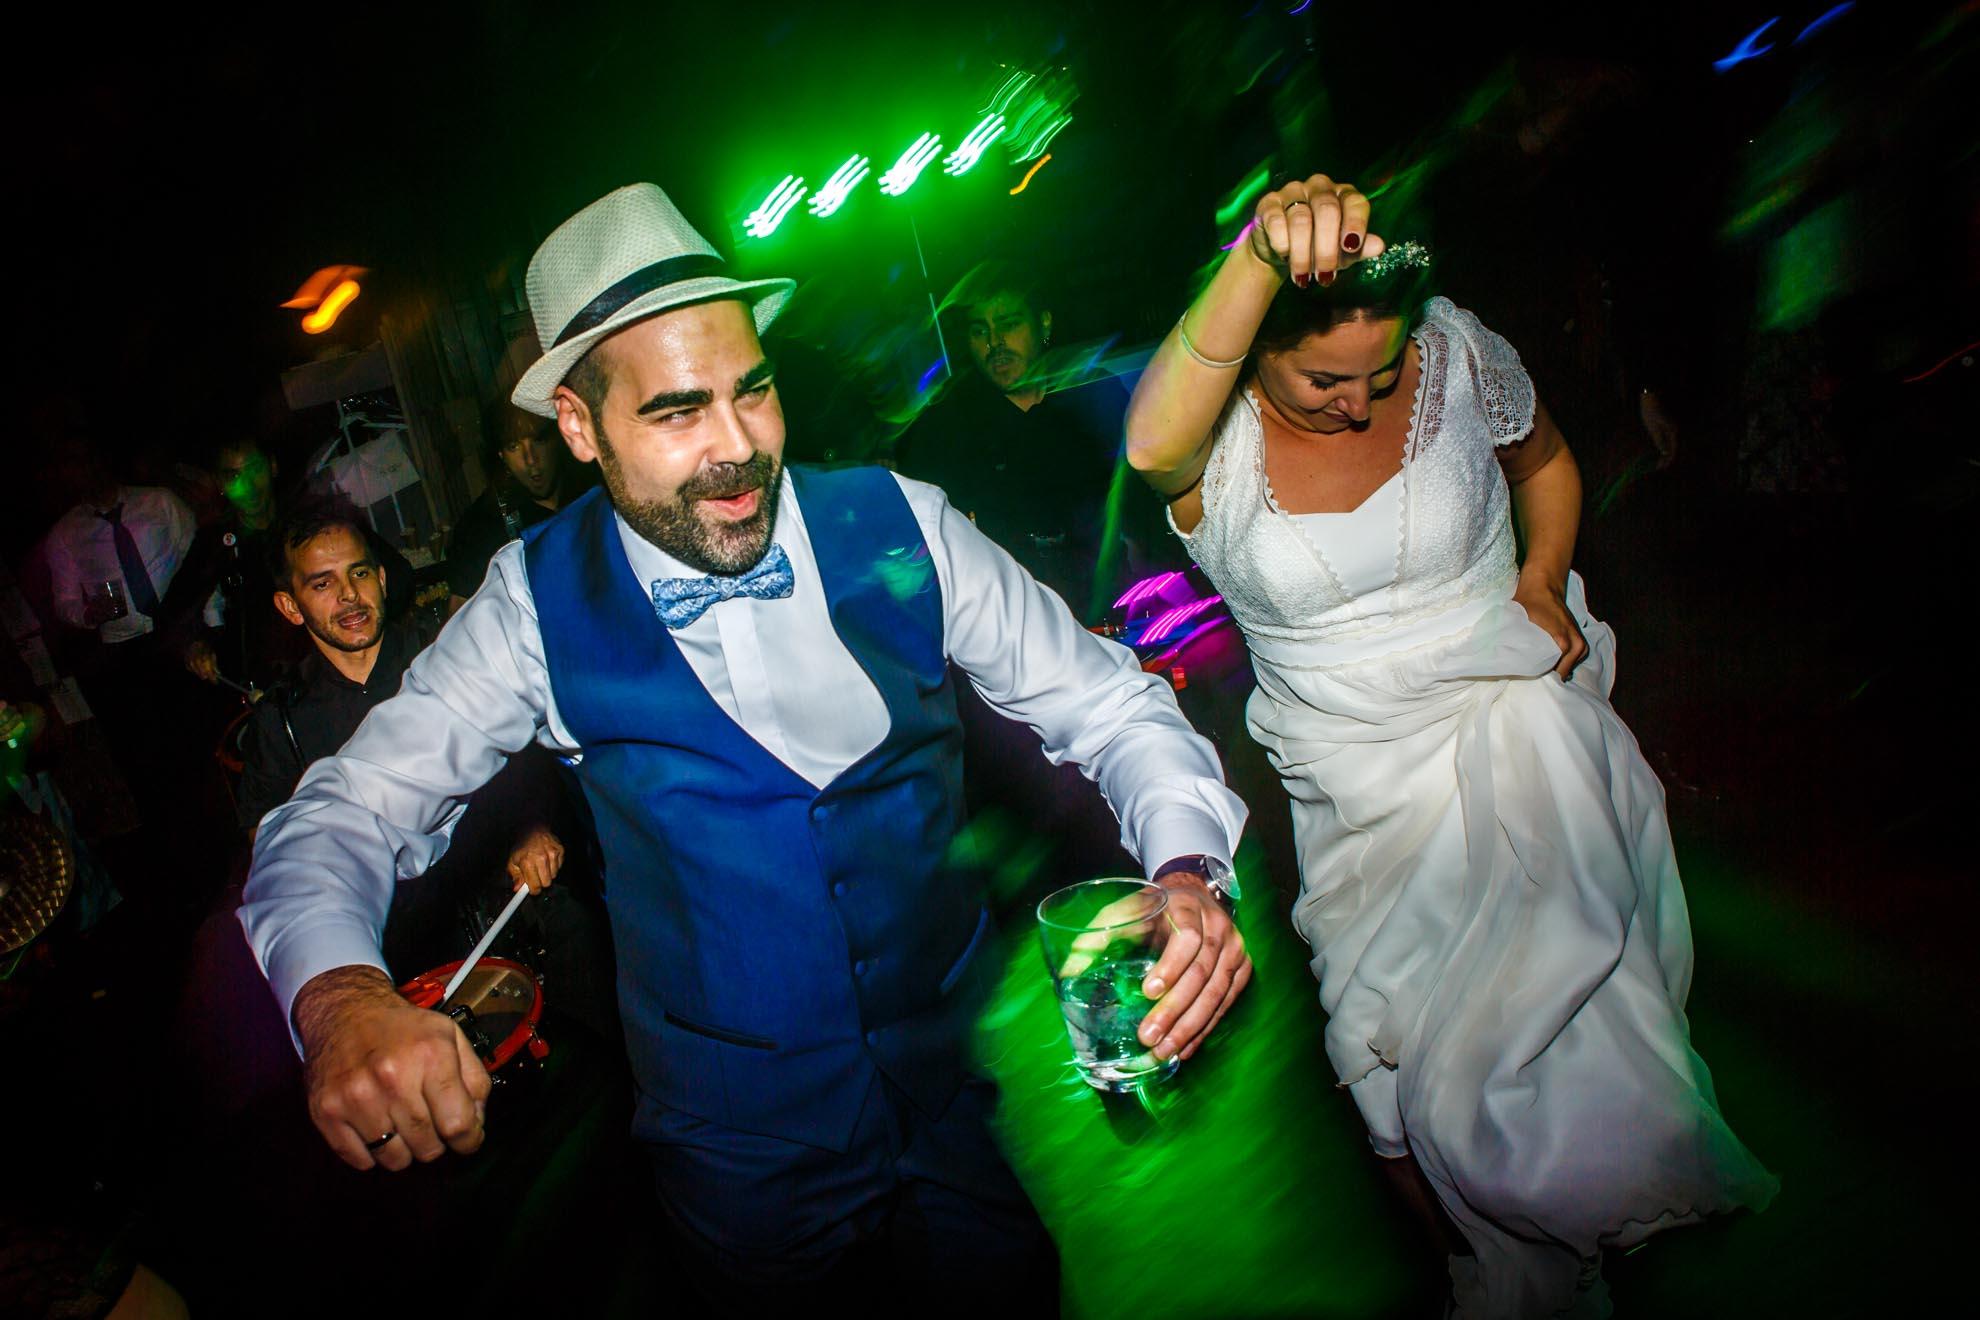 novios bailando en una fiesta